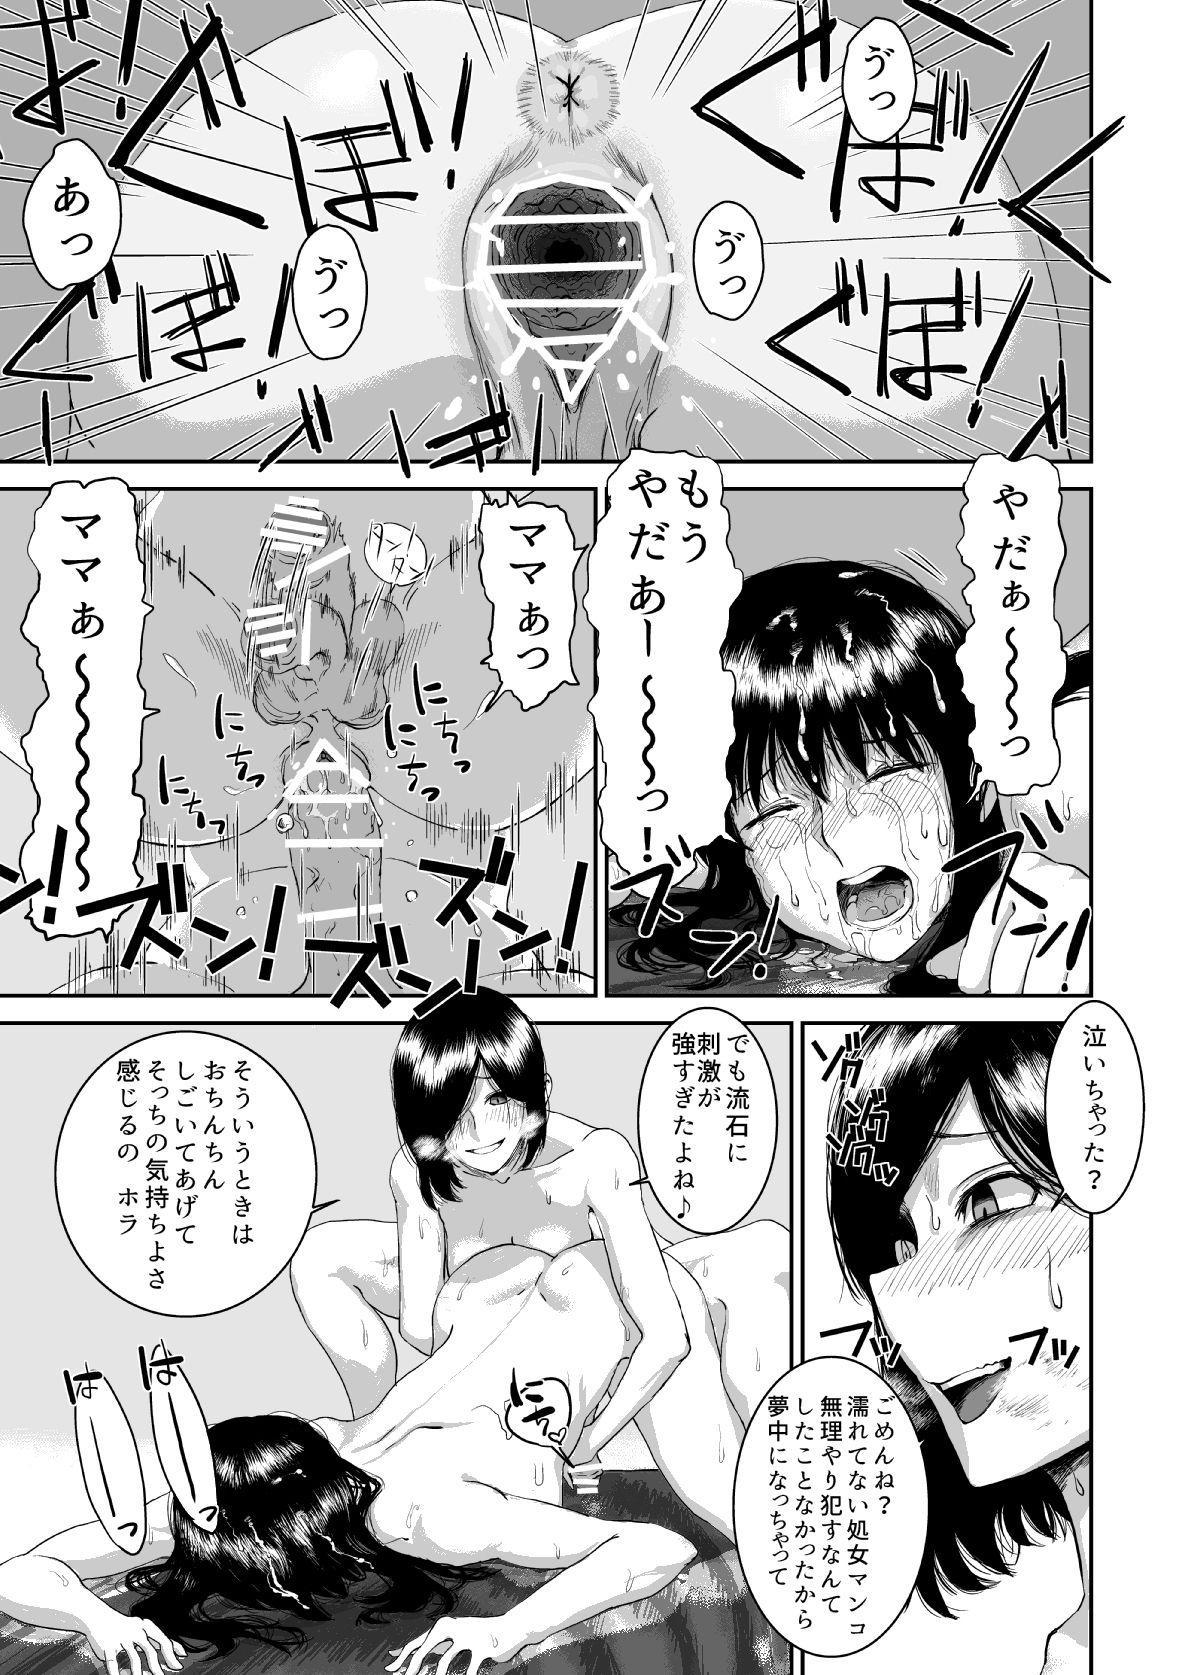 Tadashii Inu no Shitsuke ke Kata 10